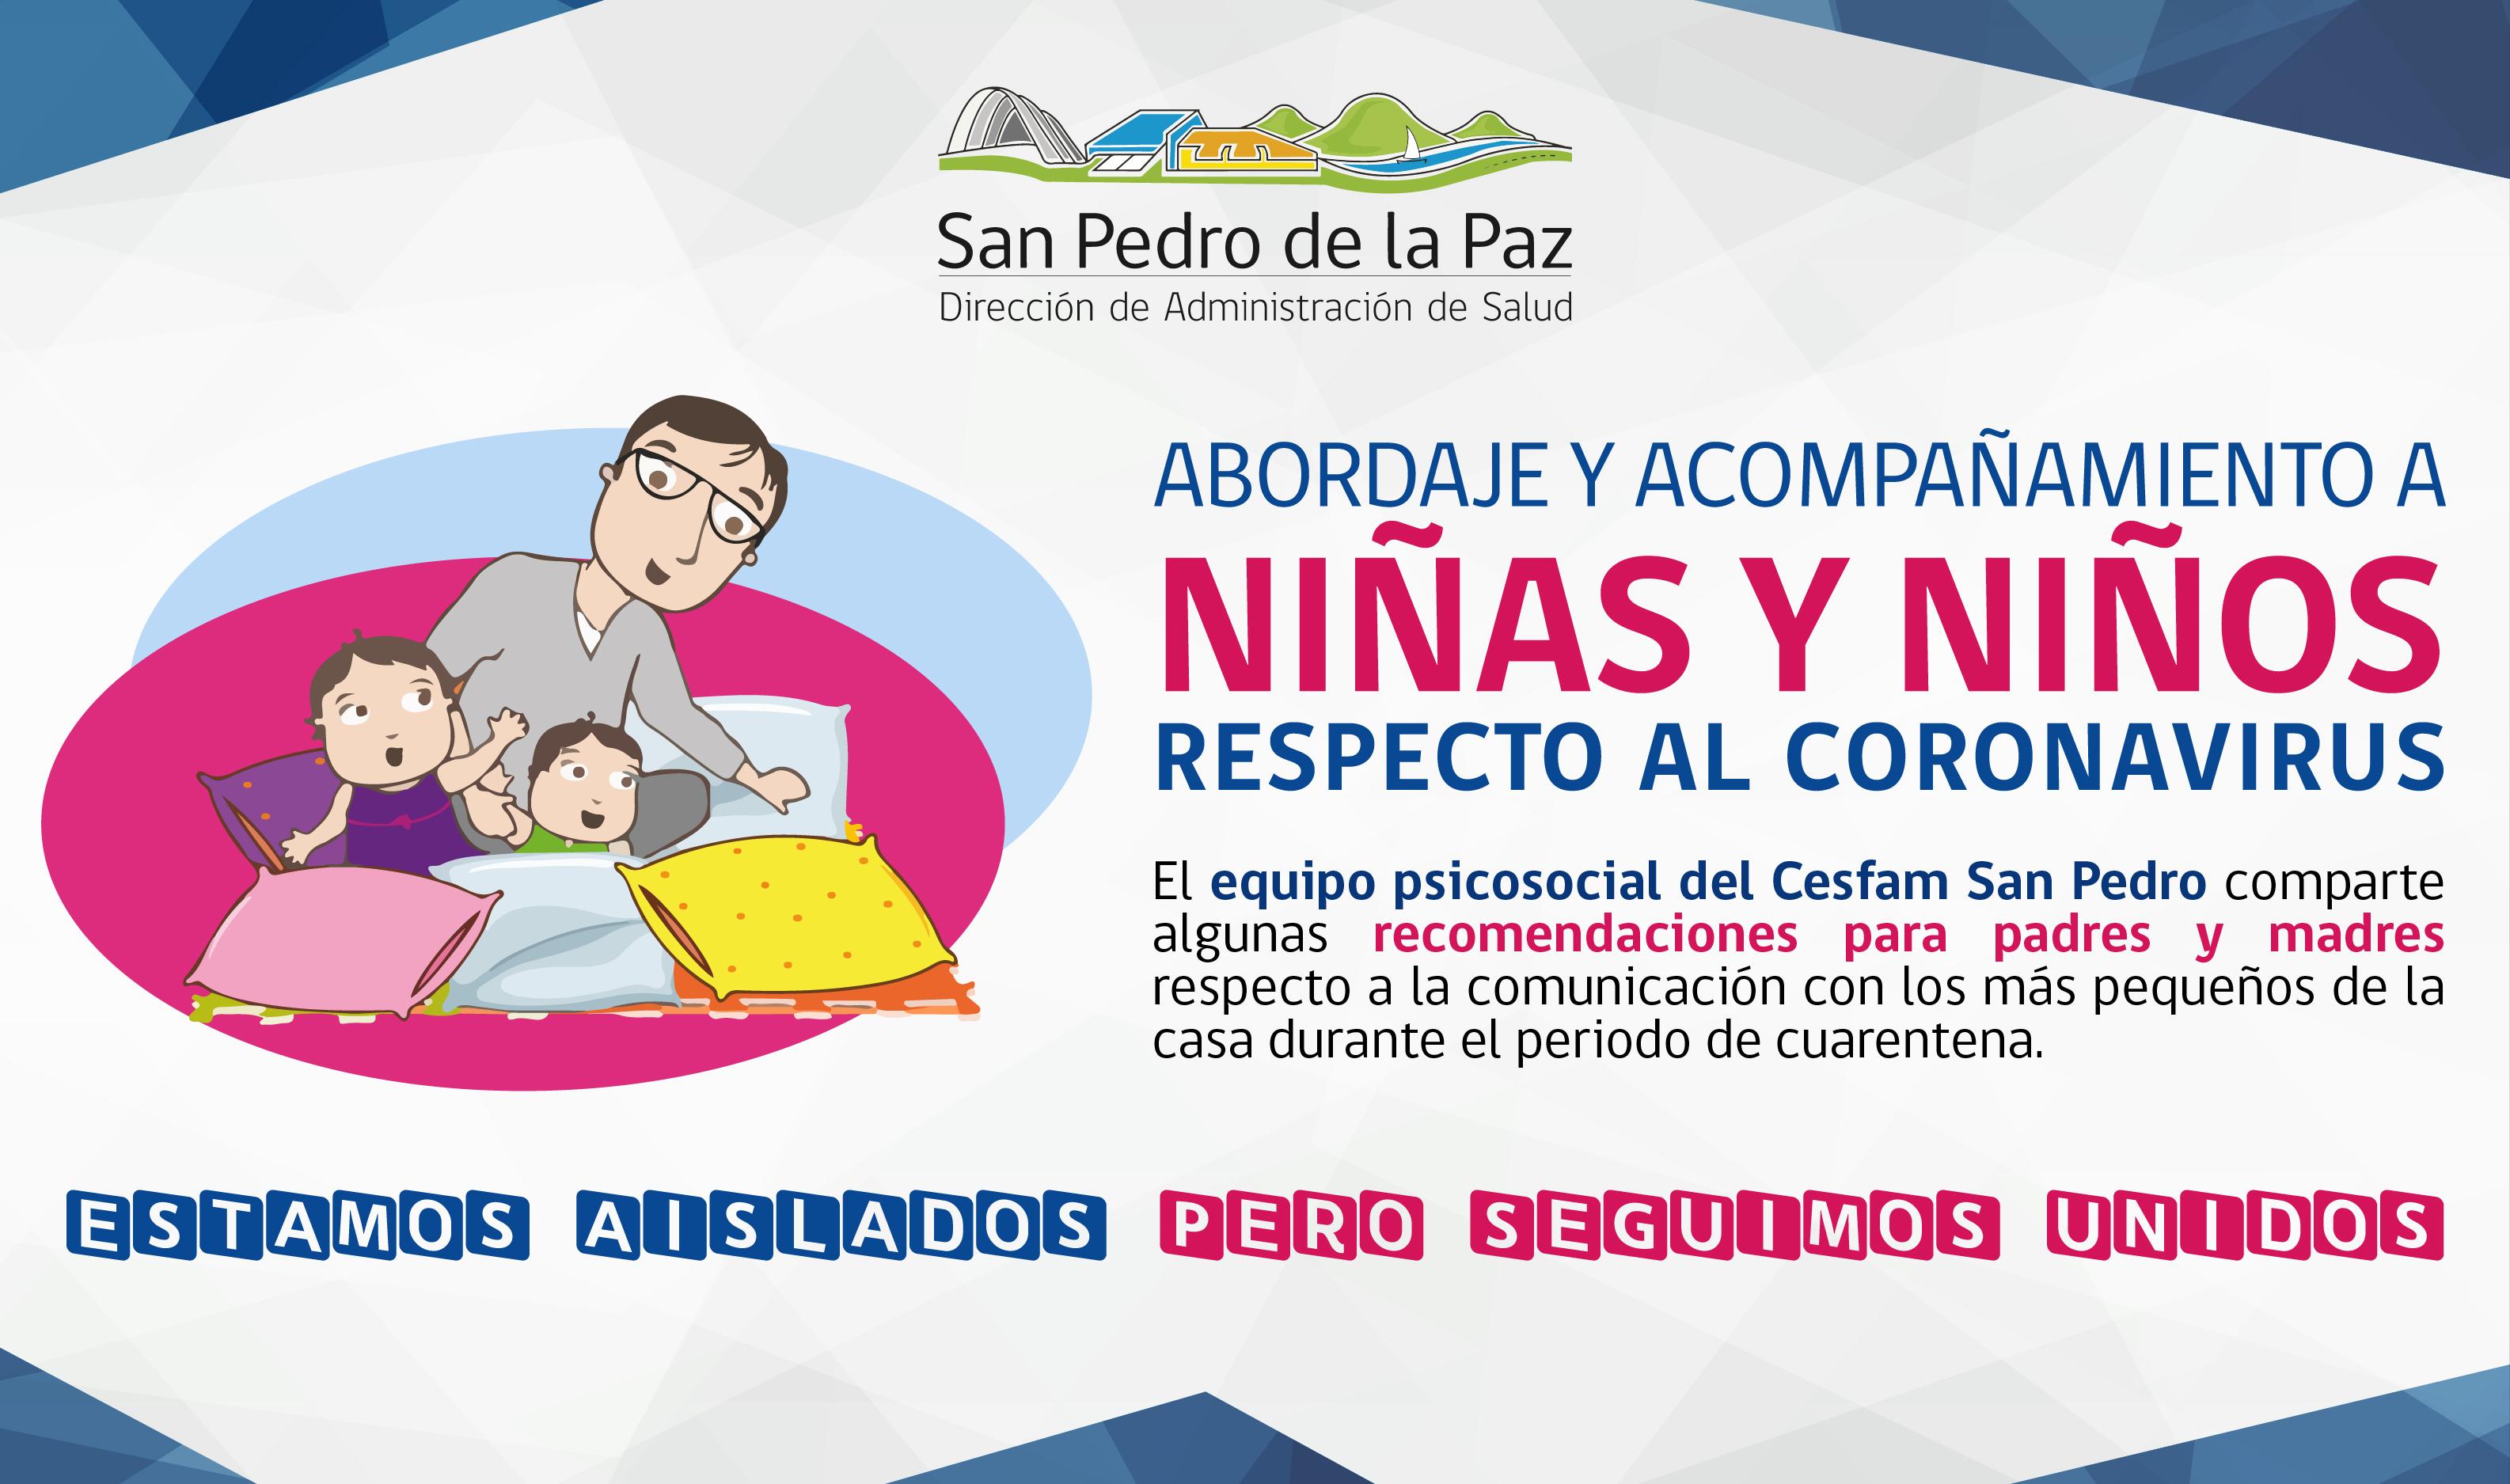 CONSEJOS PARA ACOMPAÑAR A NIÑOS Y NIÑAS DURANTE LA PANDEMIA